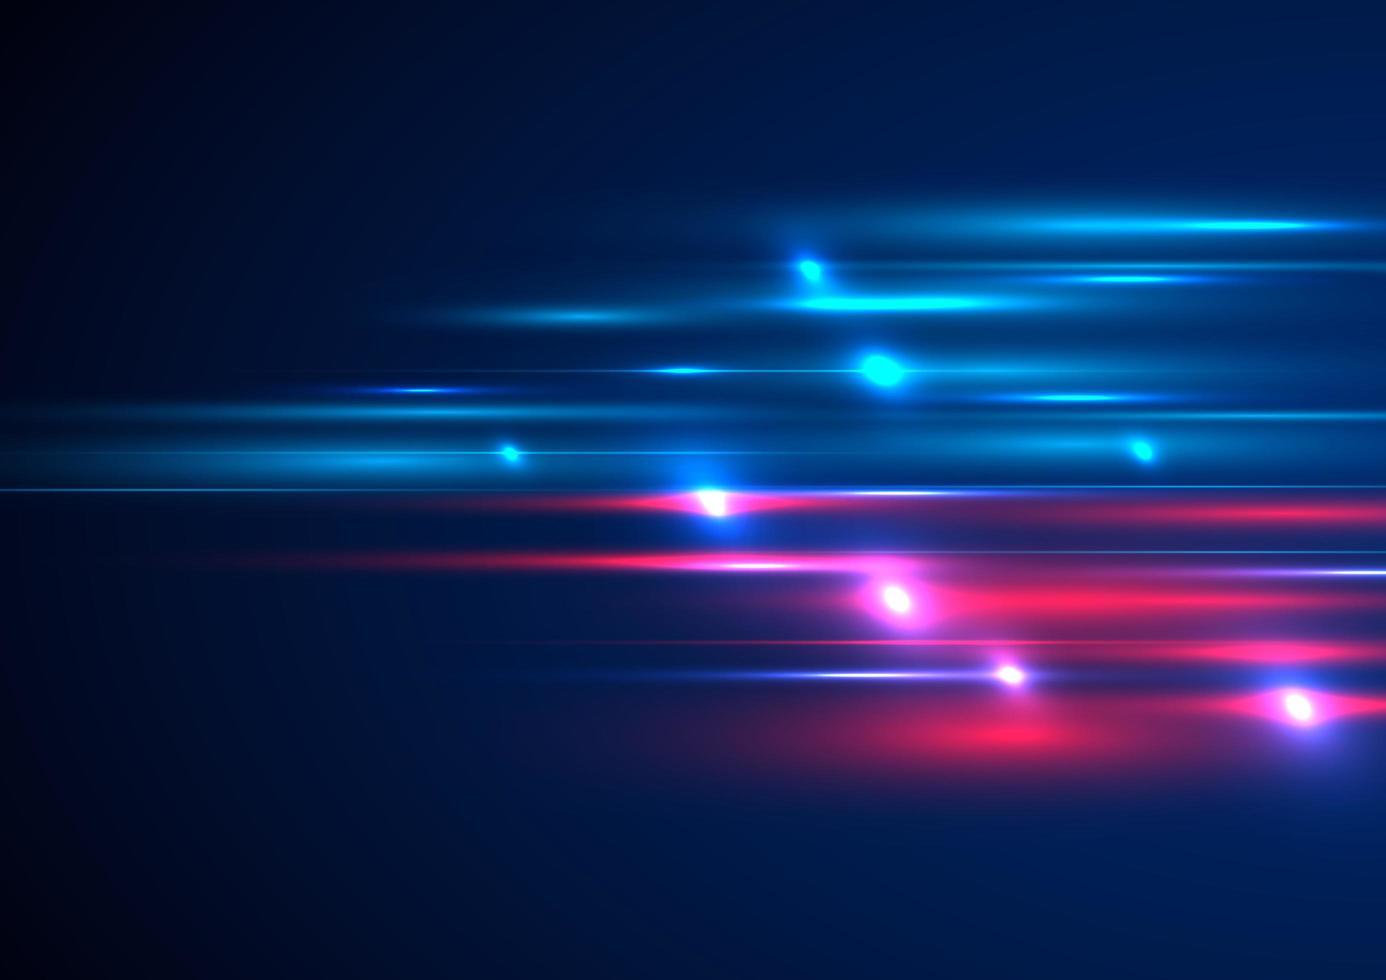 efecto de iluminación de movimiento de velocidad azul y rojo abstracto vector